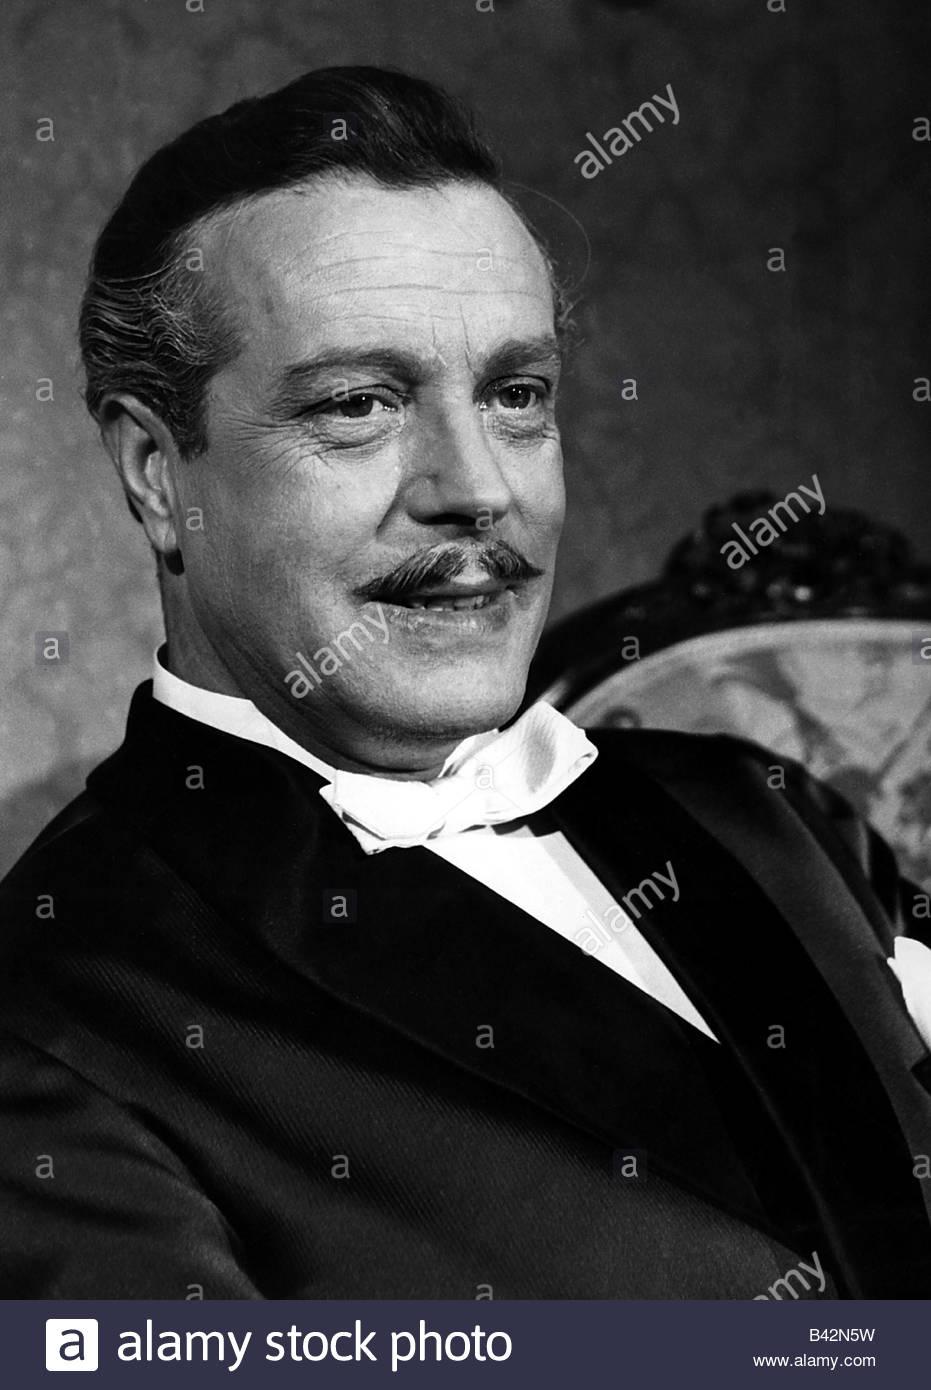 Albach-Retty, Wolf, 28.5.1906 - 21.2.1967, German actor, portrait, movie scene from 'K. und K. Feldmarschall', - Stock Image